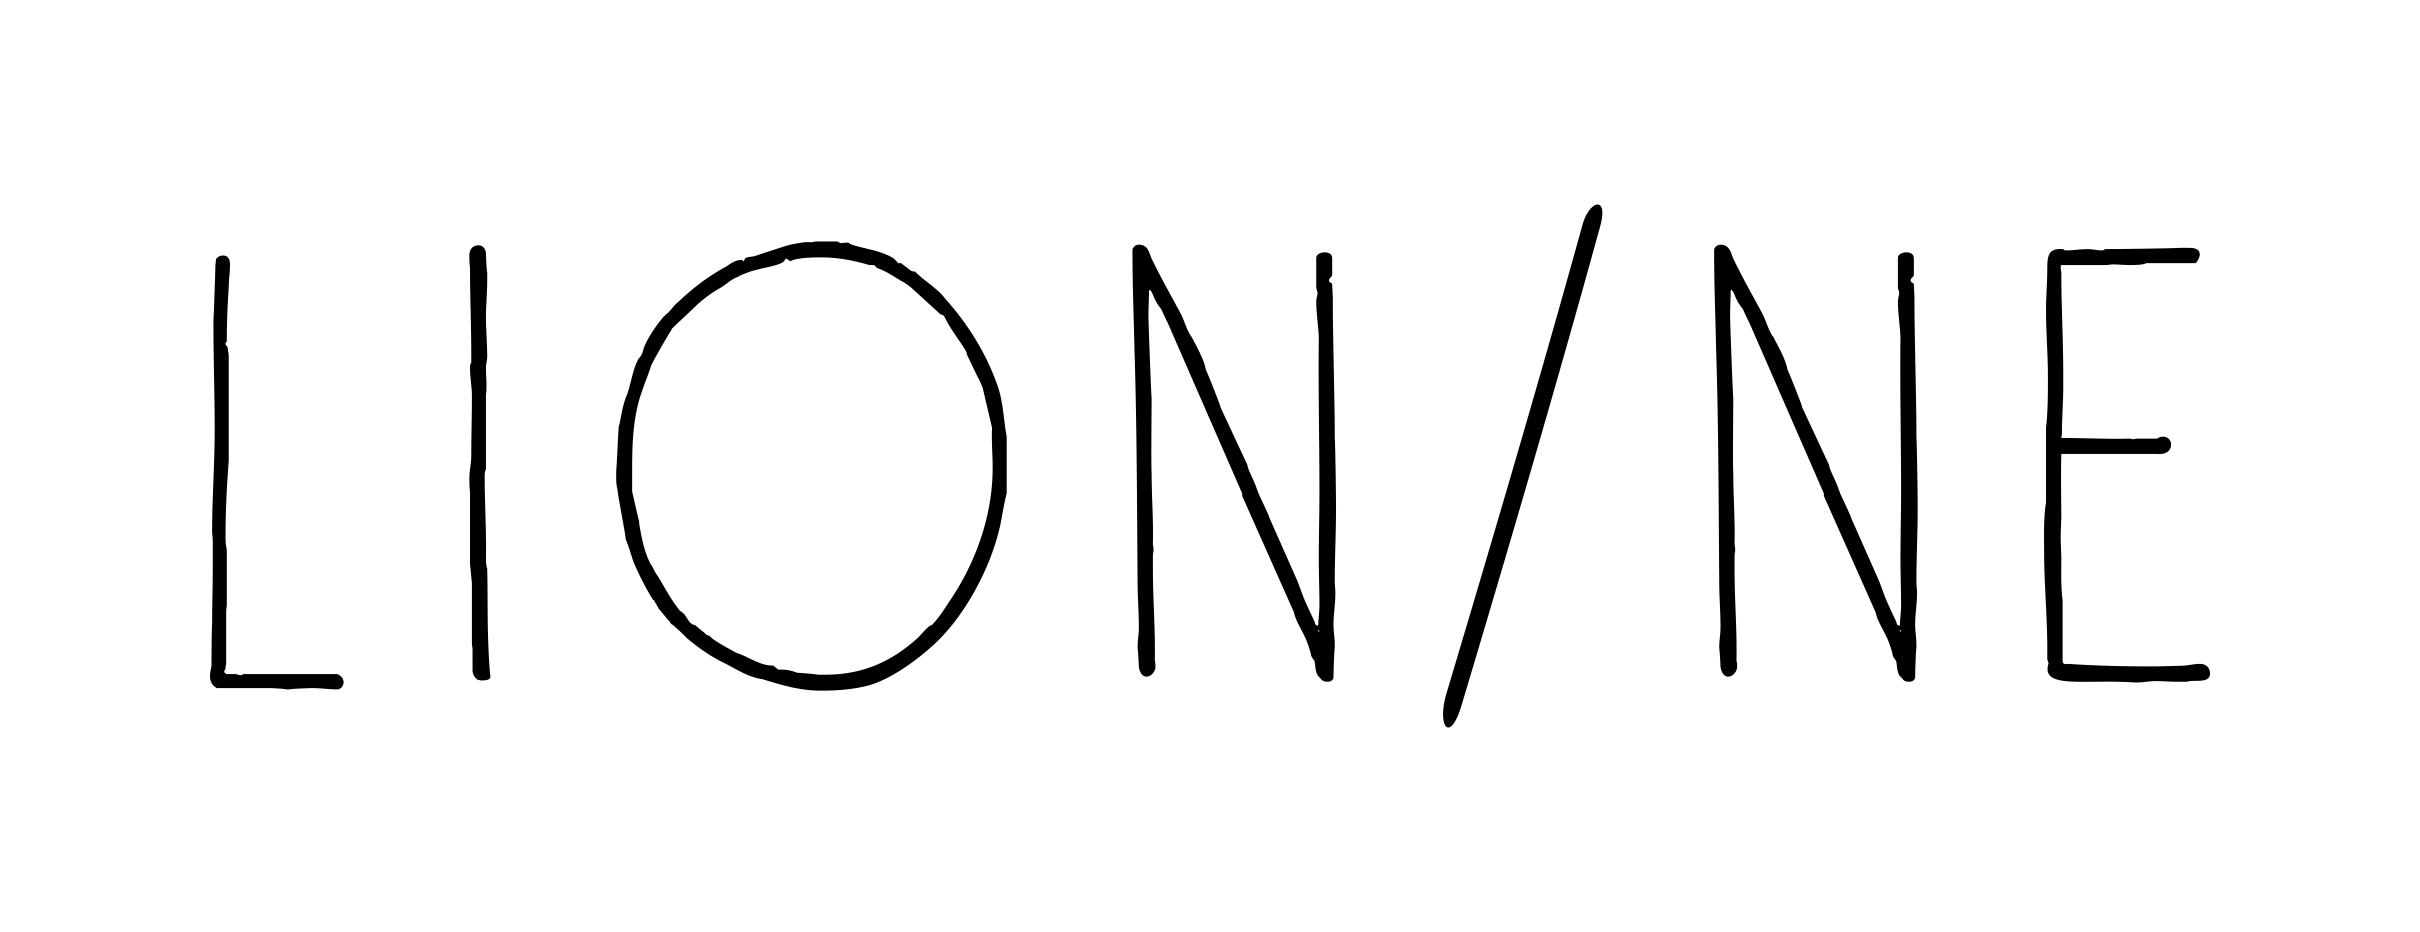 LION-NE_only.jpg